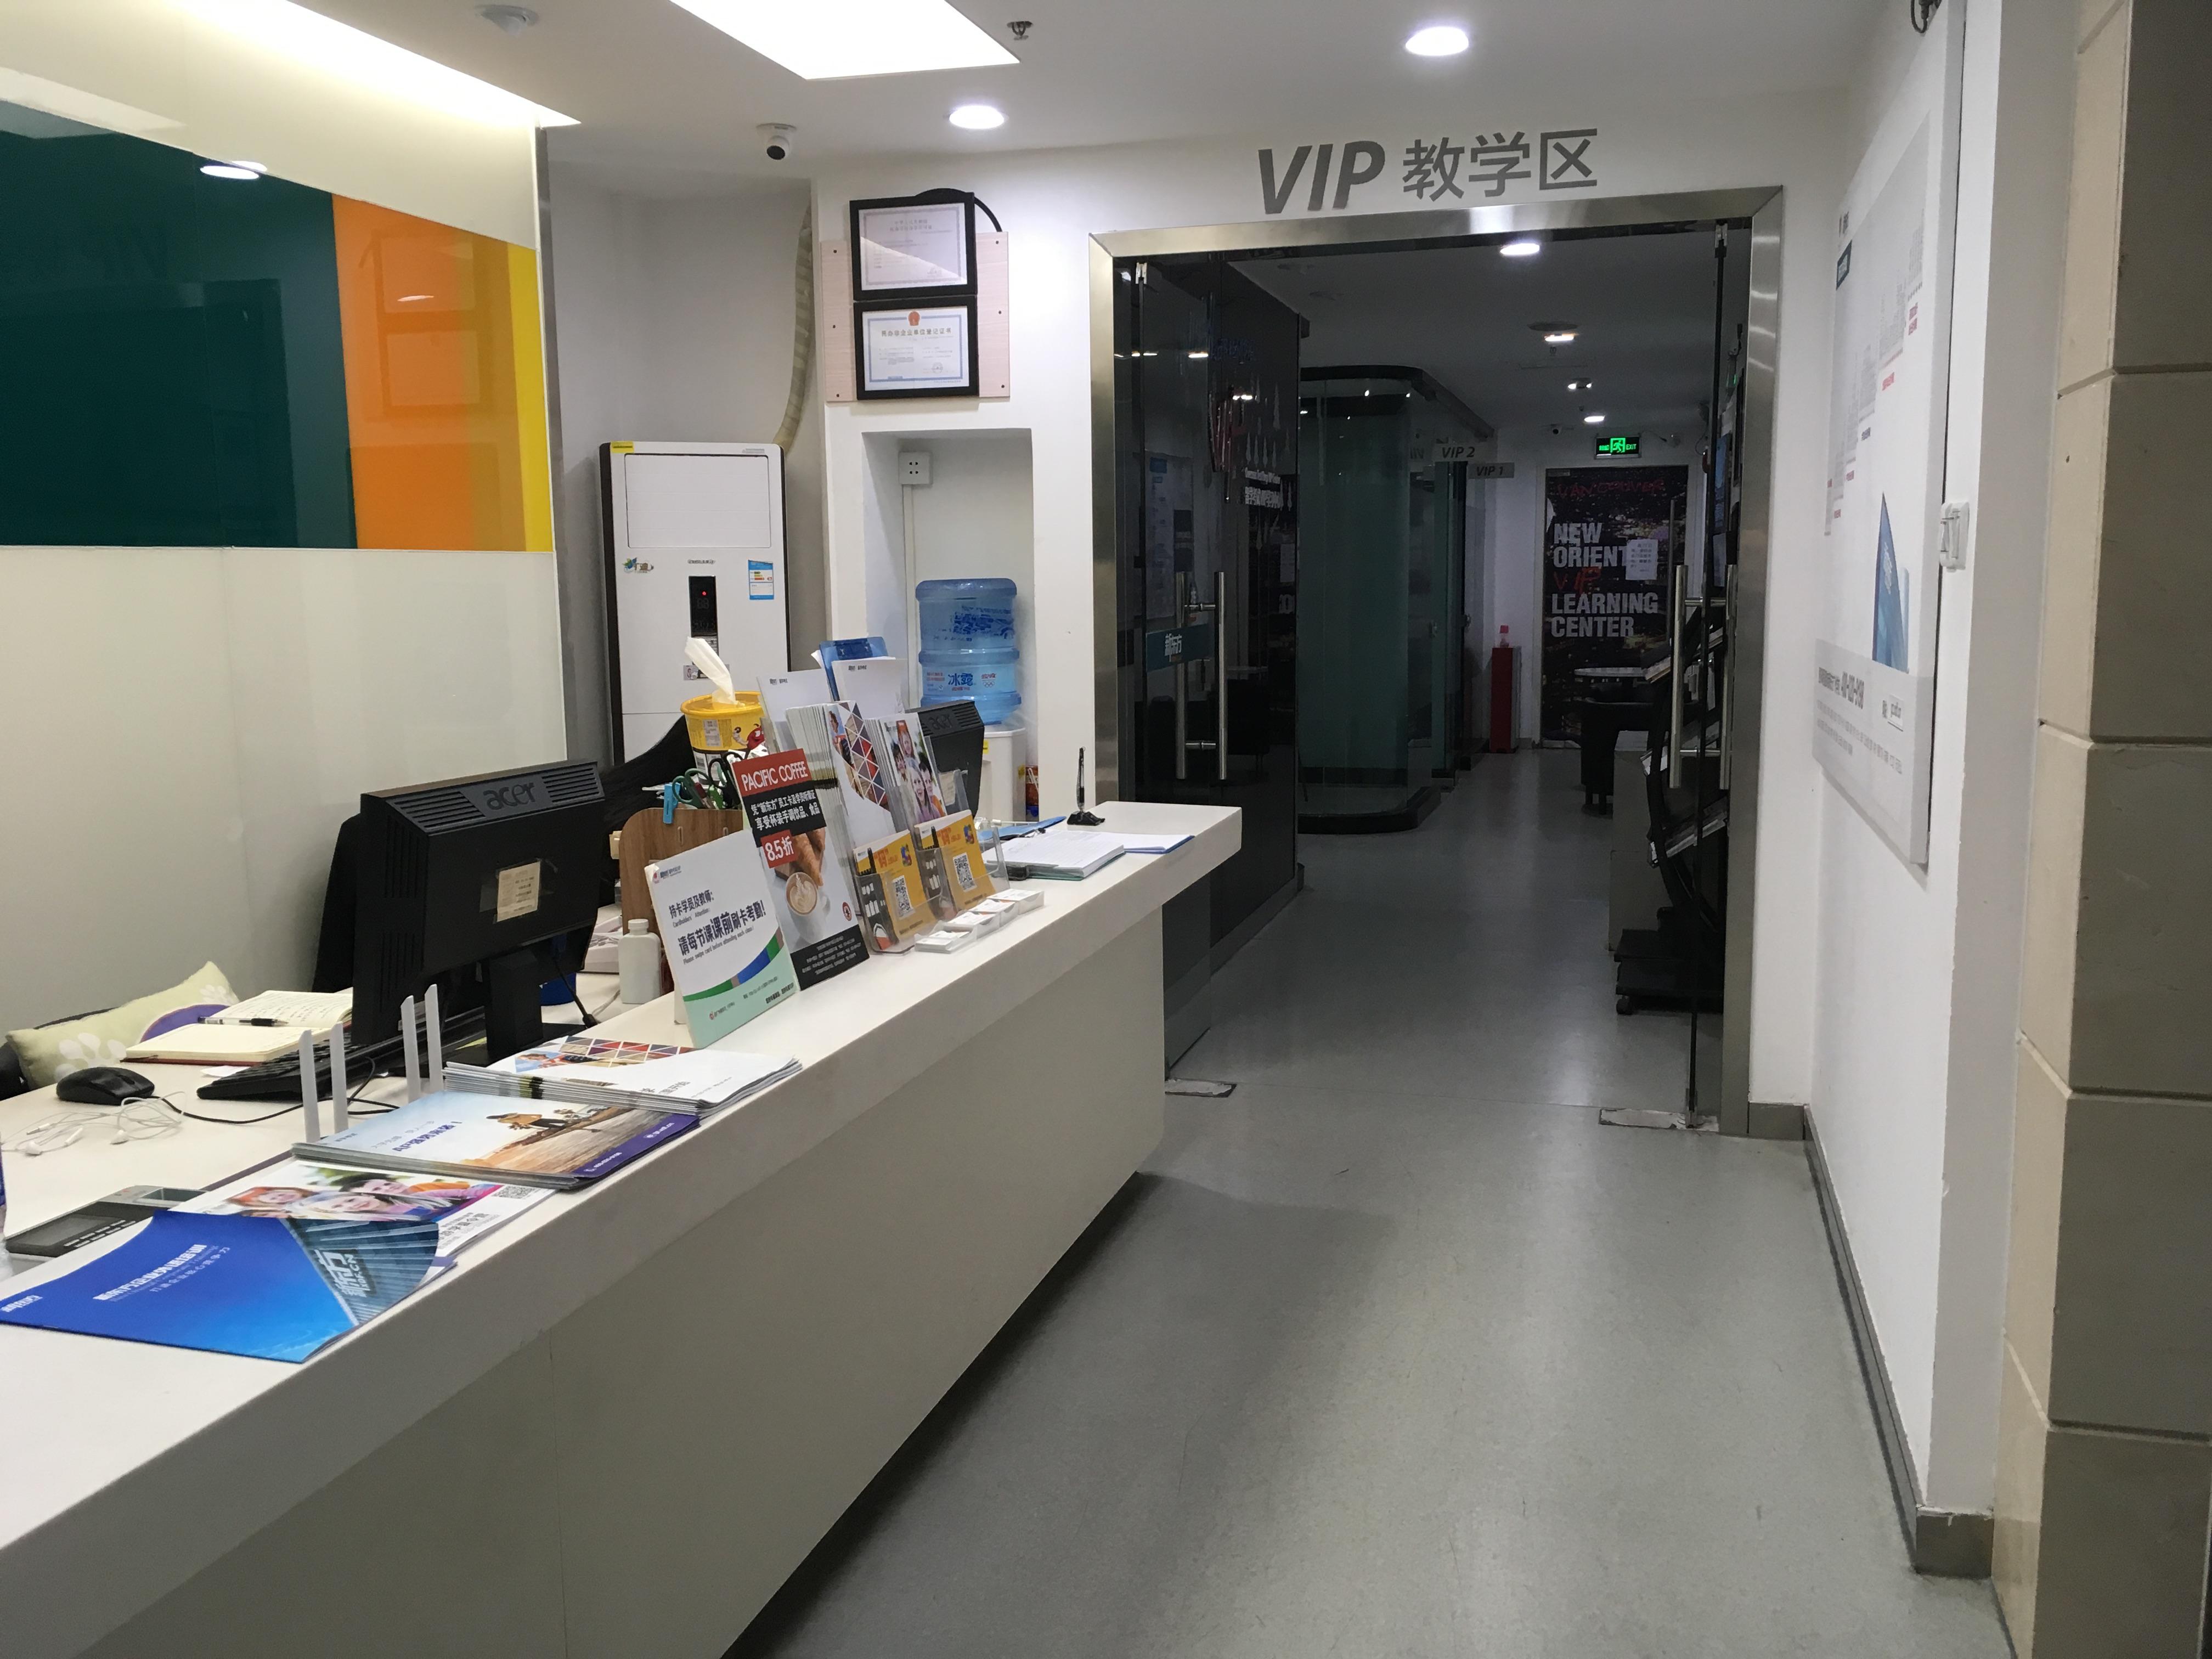 VIP教室区